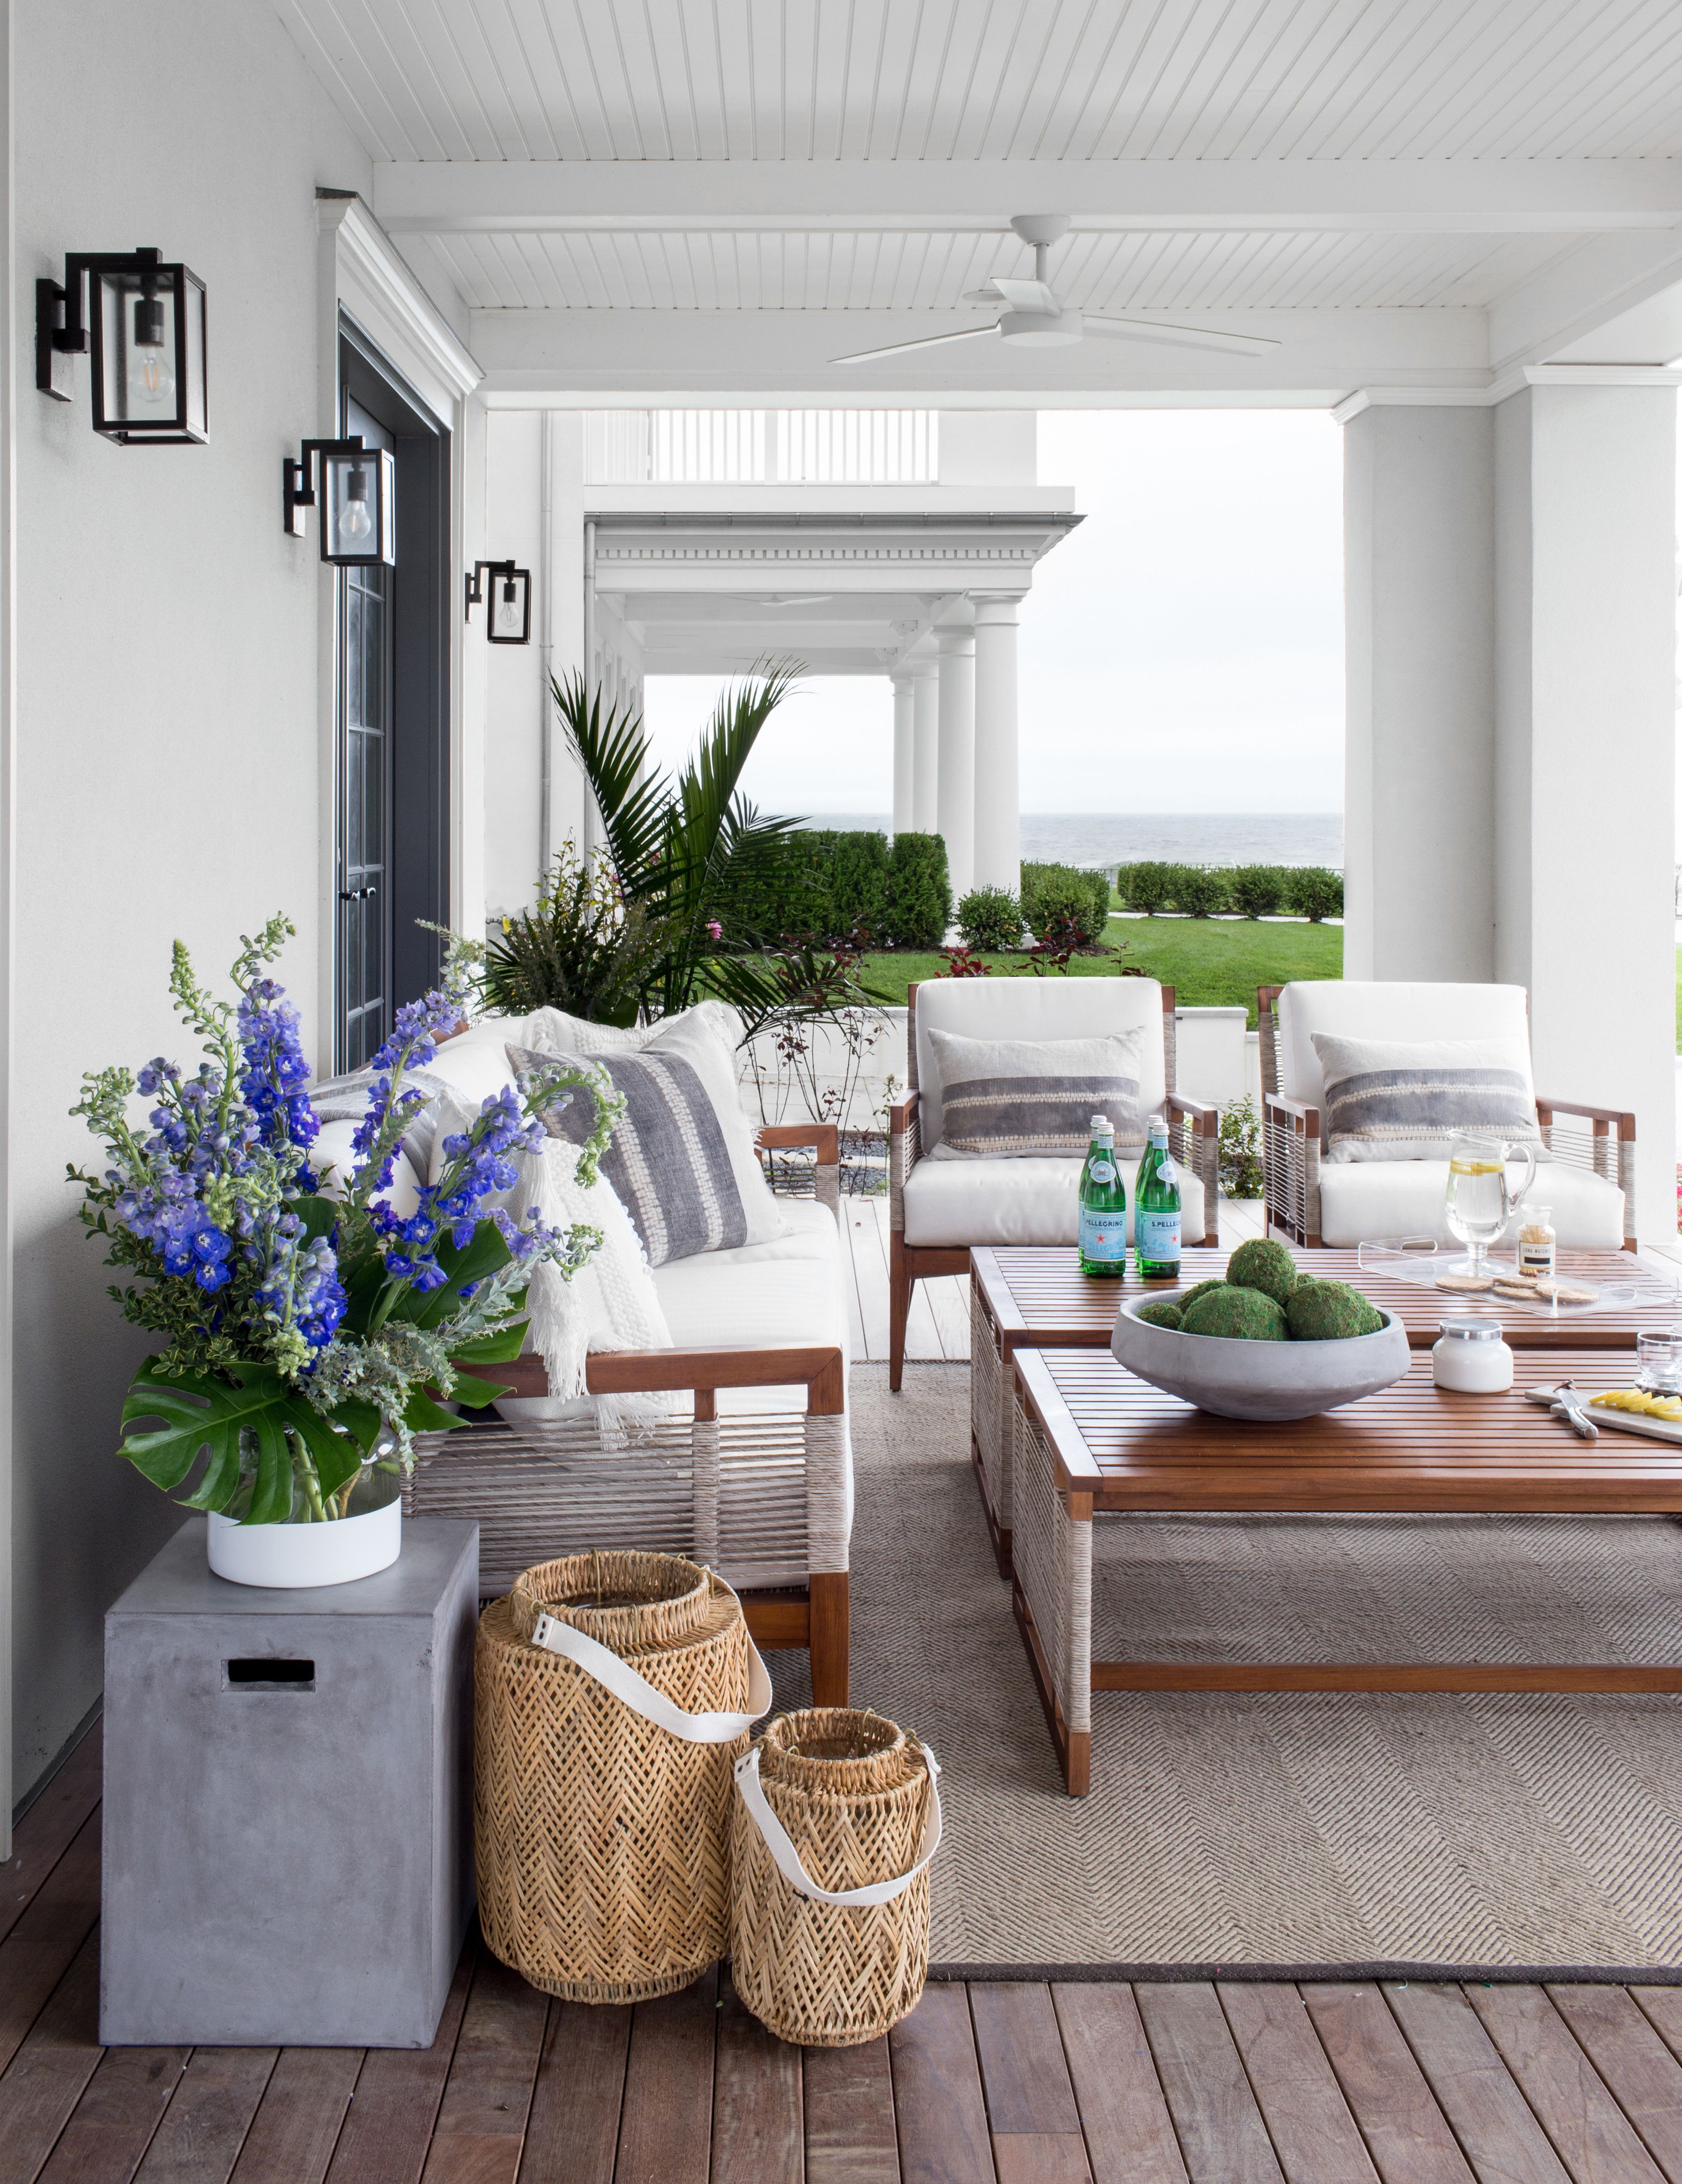 Pleasant A Beachside Mediterranean Style Summer Home In Allenhurst Download Free Architecture Designs Scobabritishbridgeorg